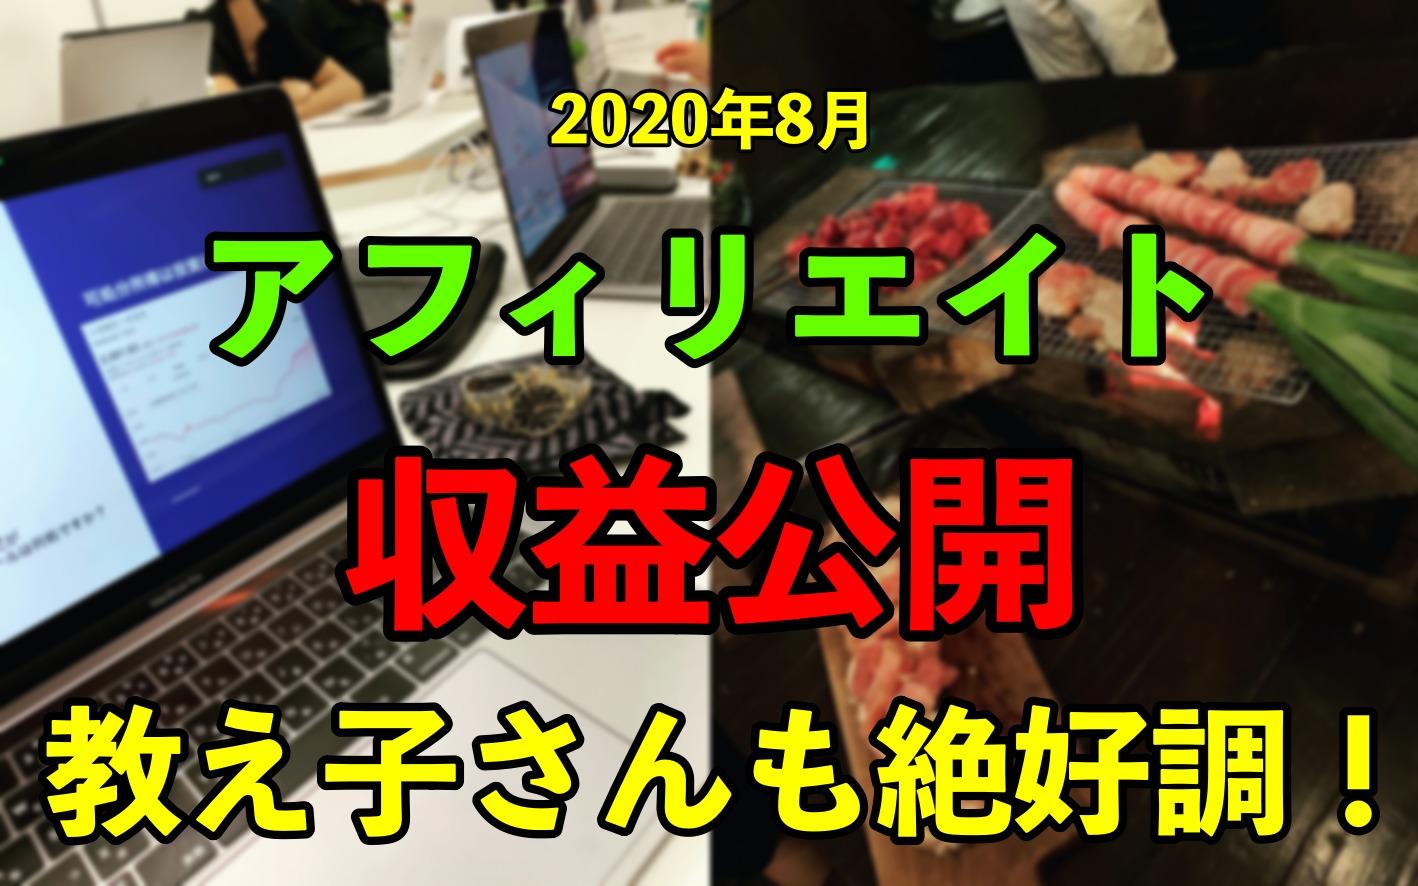 【8月収益公開】教え子さんたちも絶好調!